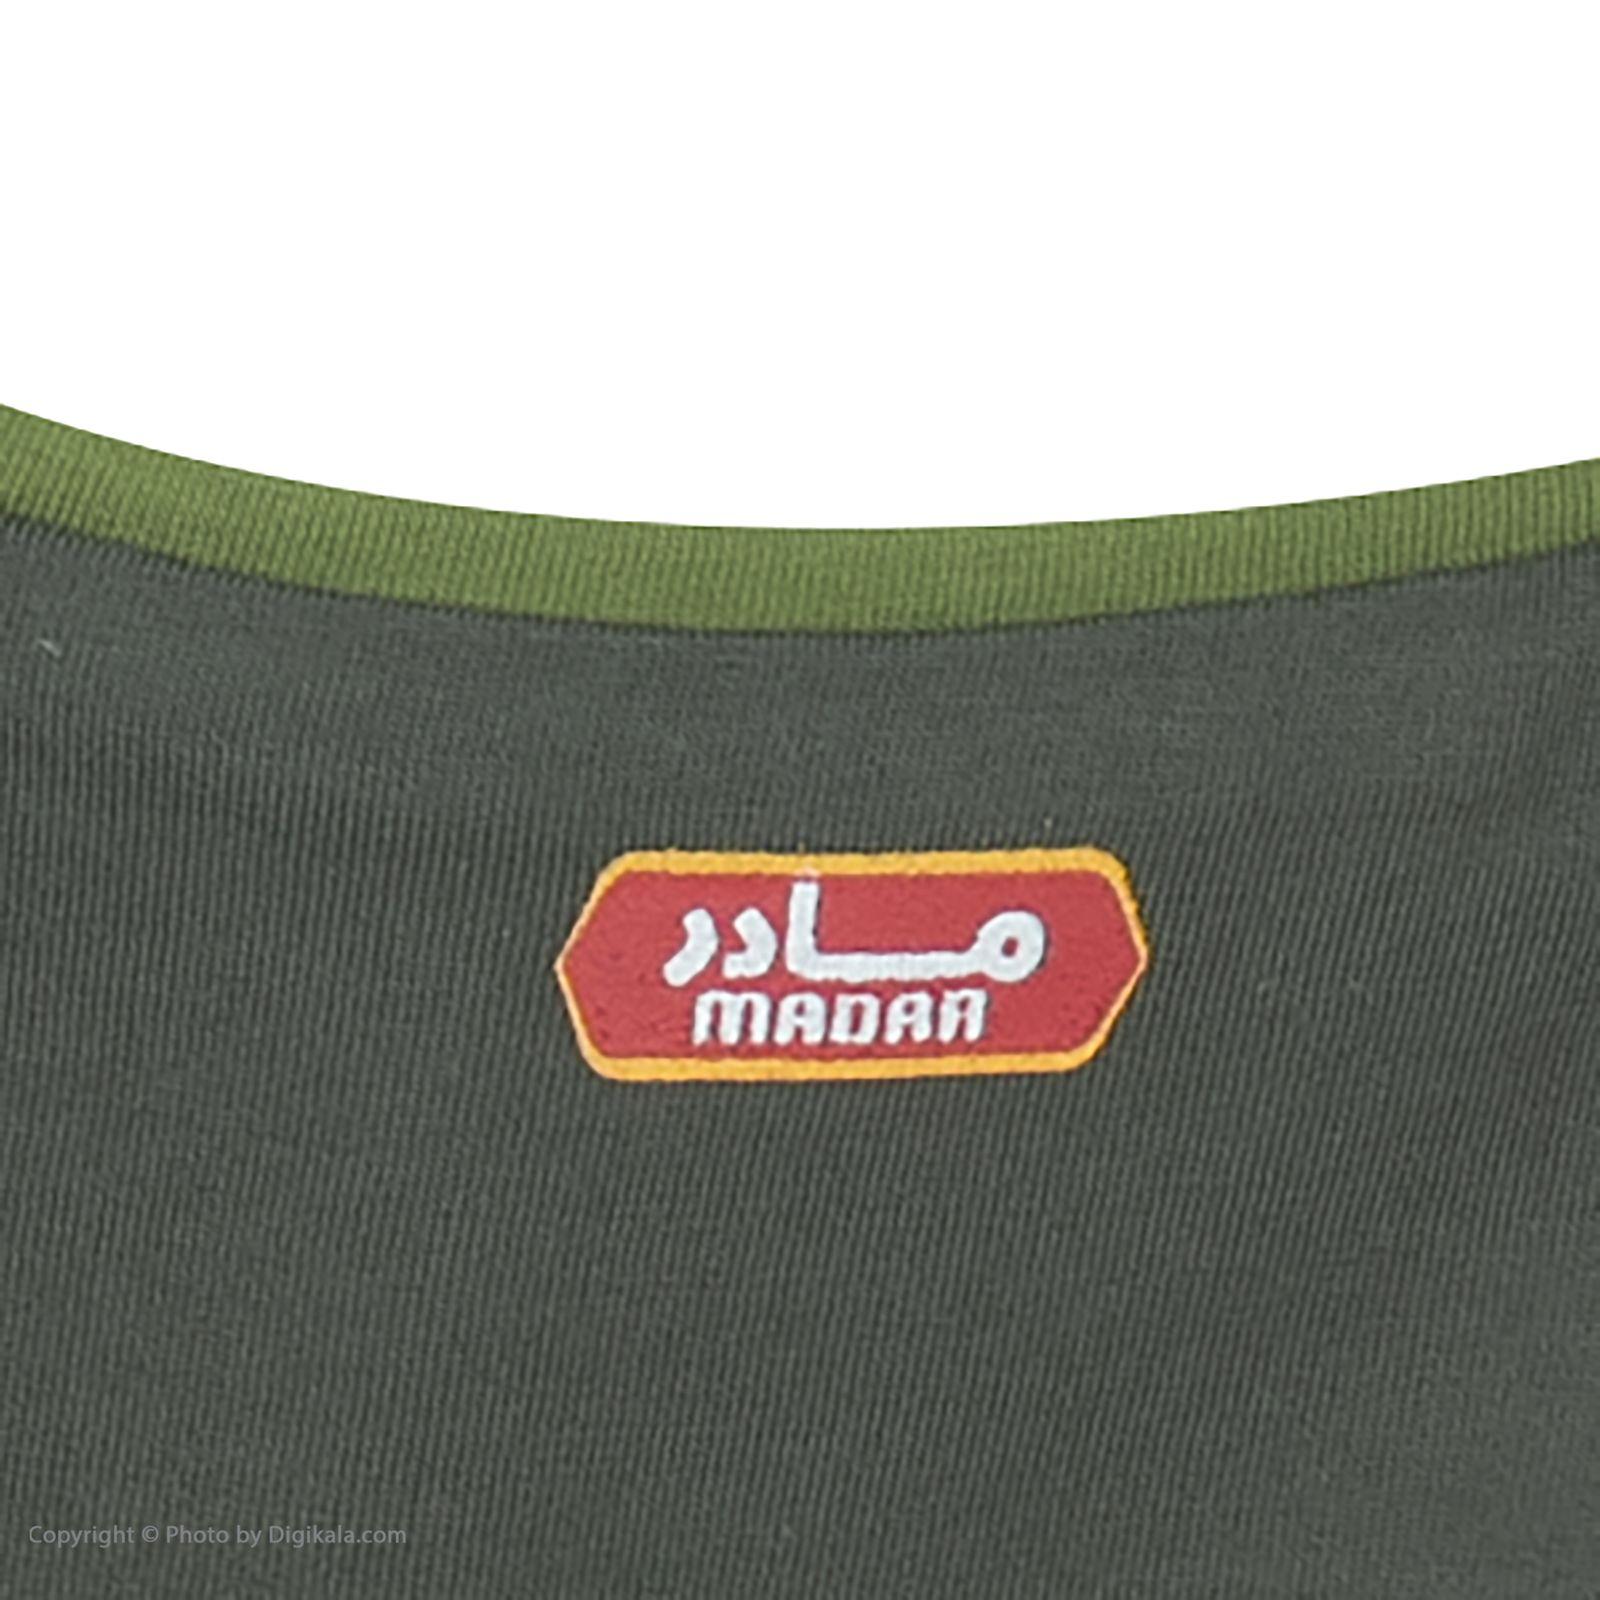 ست تی شرت و شلوارک راحتی مردانه مادر مدل 2041106-42 -  - 8